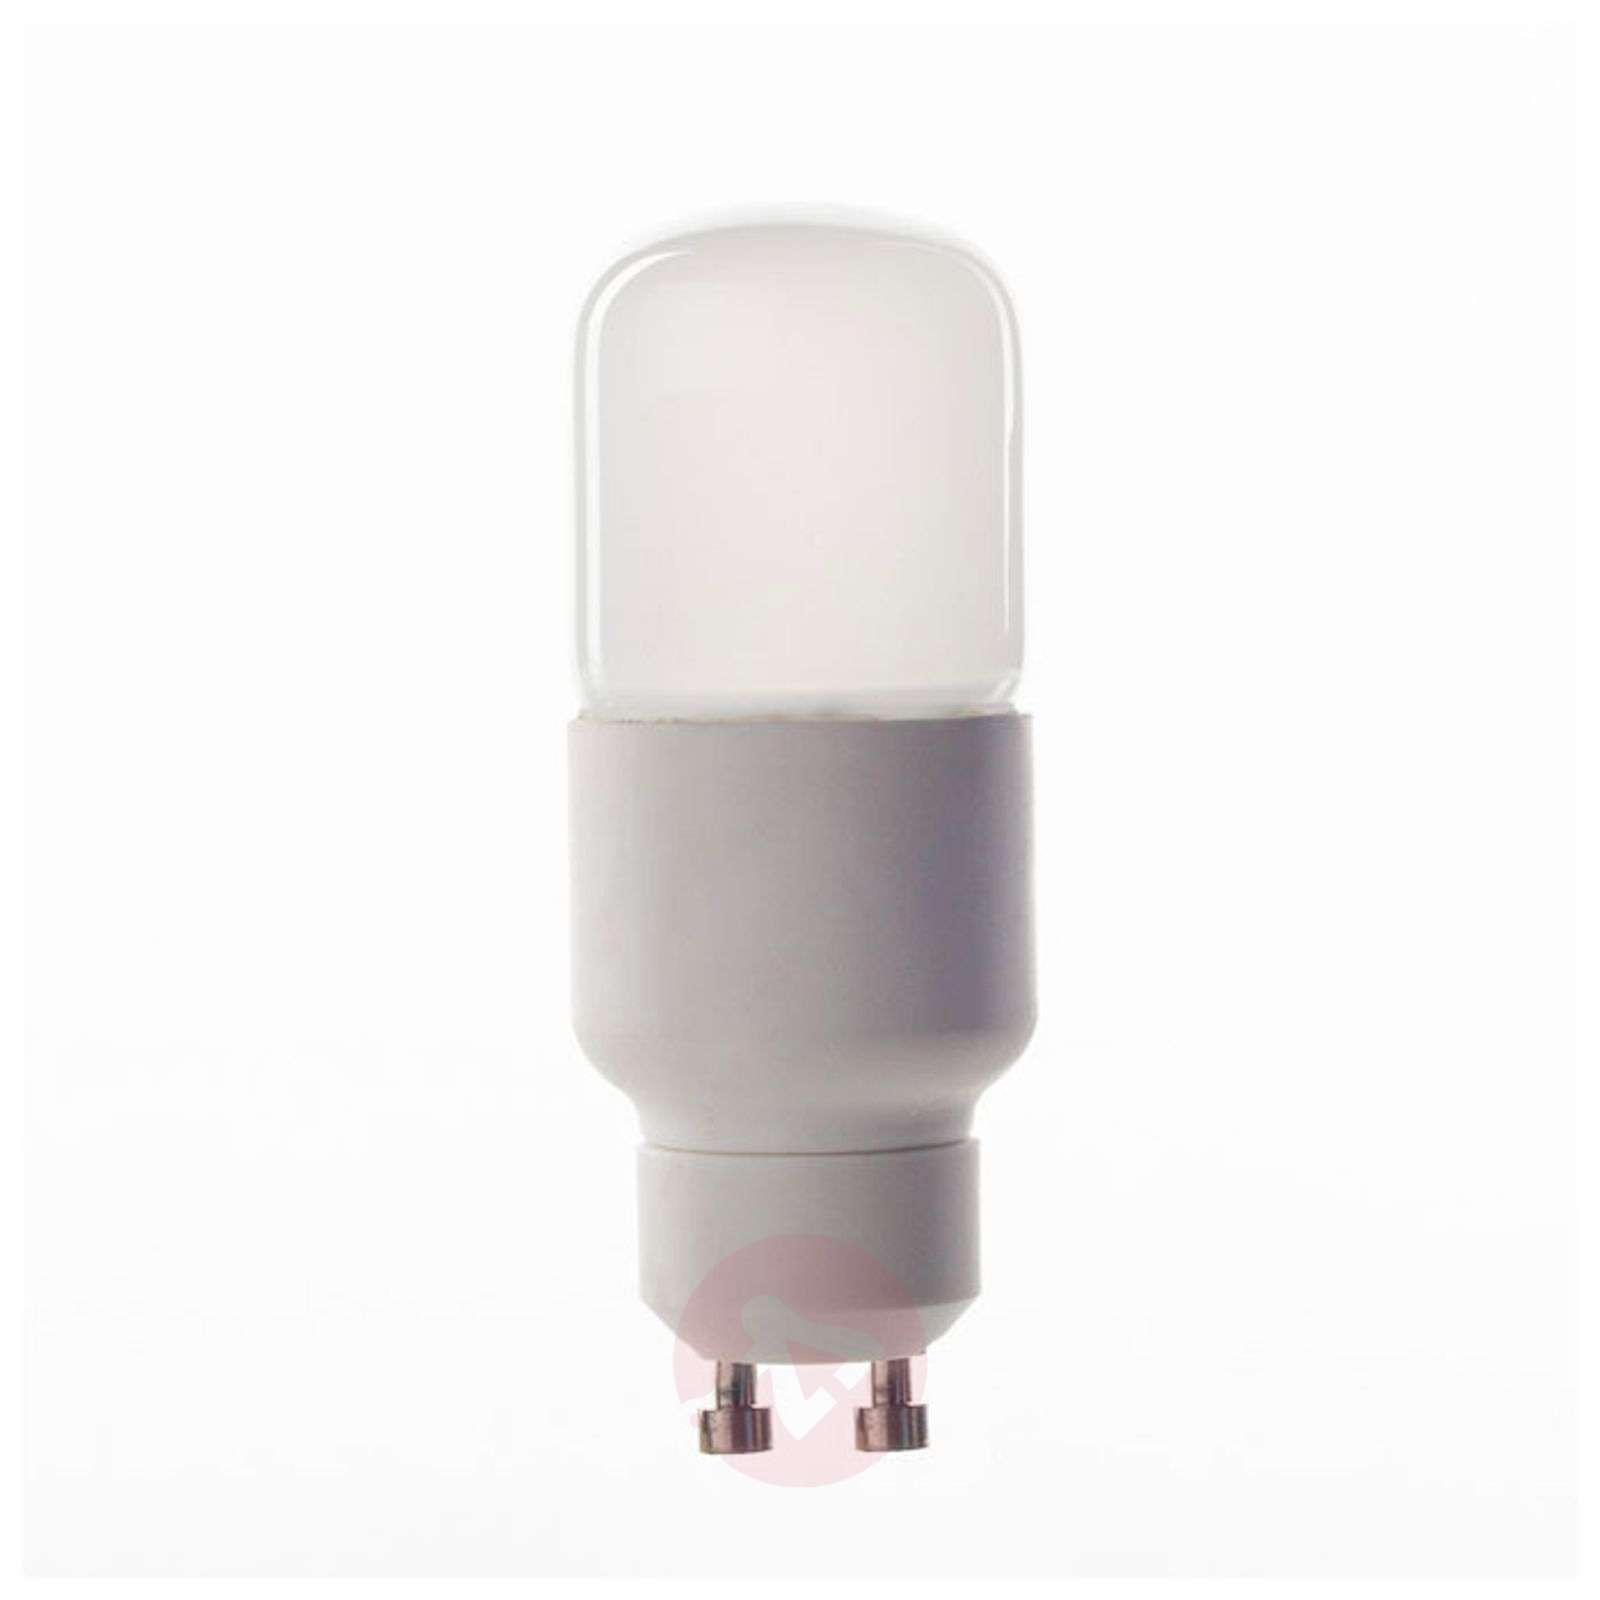 LED-lamppu GU10 5W putkimainen